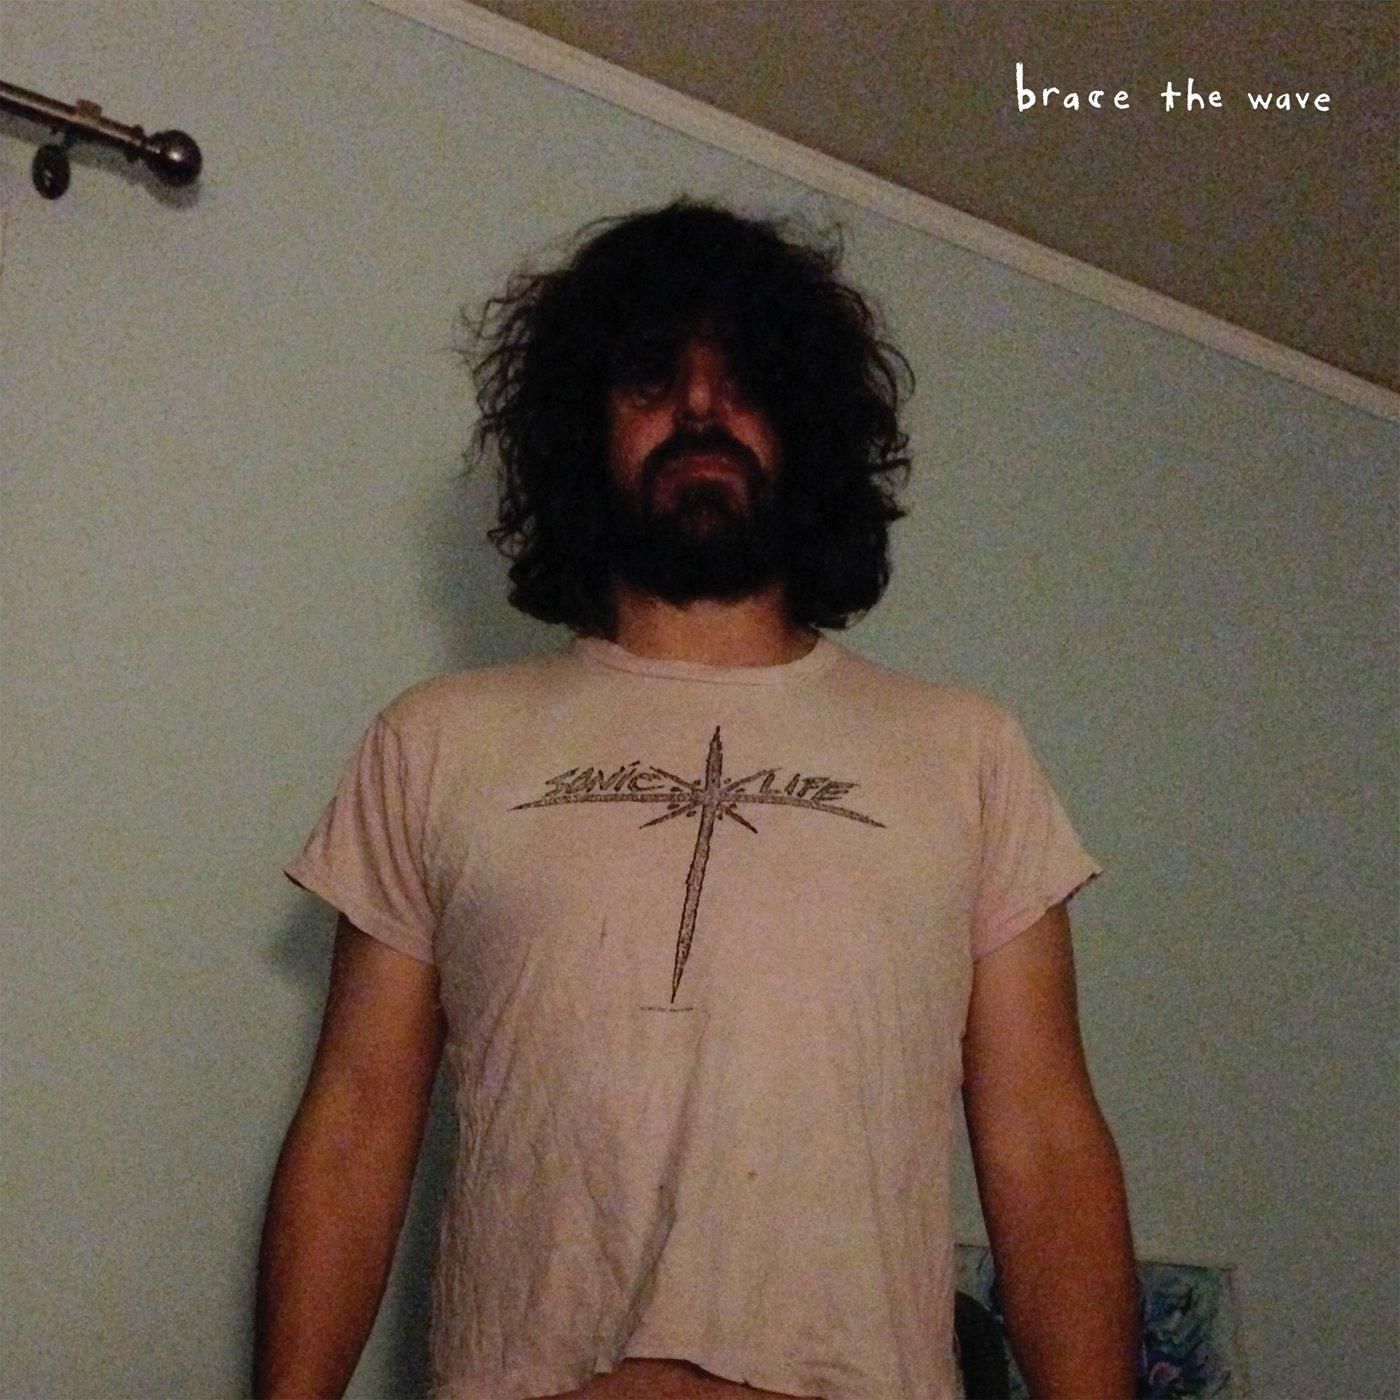 Lou Barlow: Brace The Wave [Album Review]